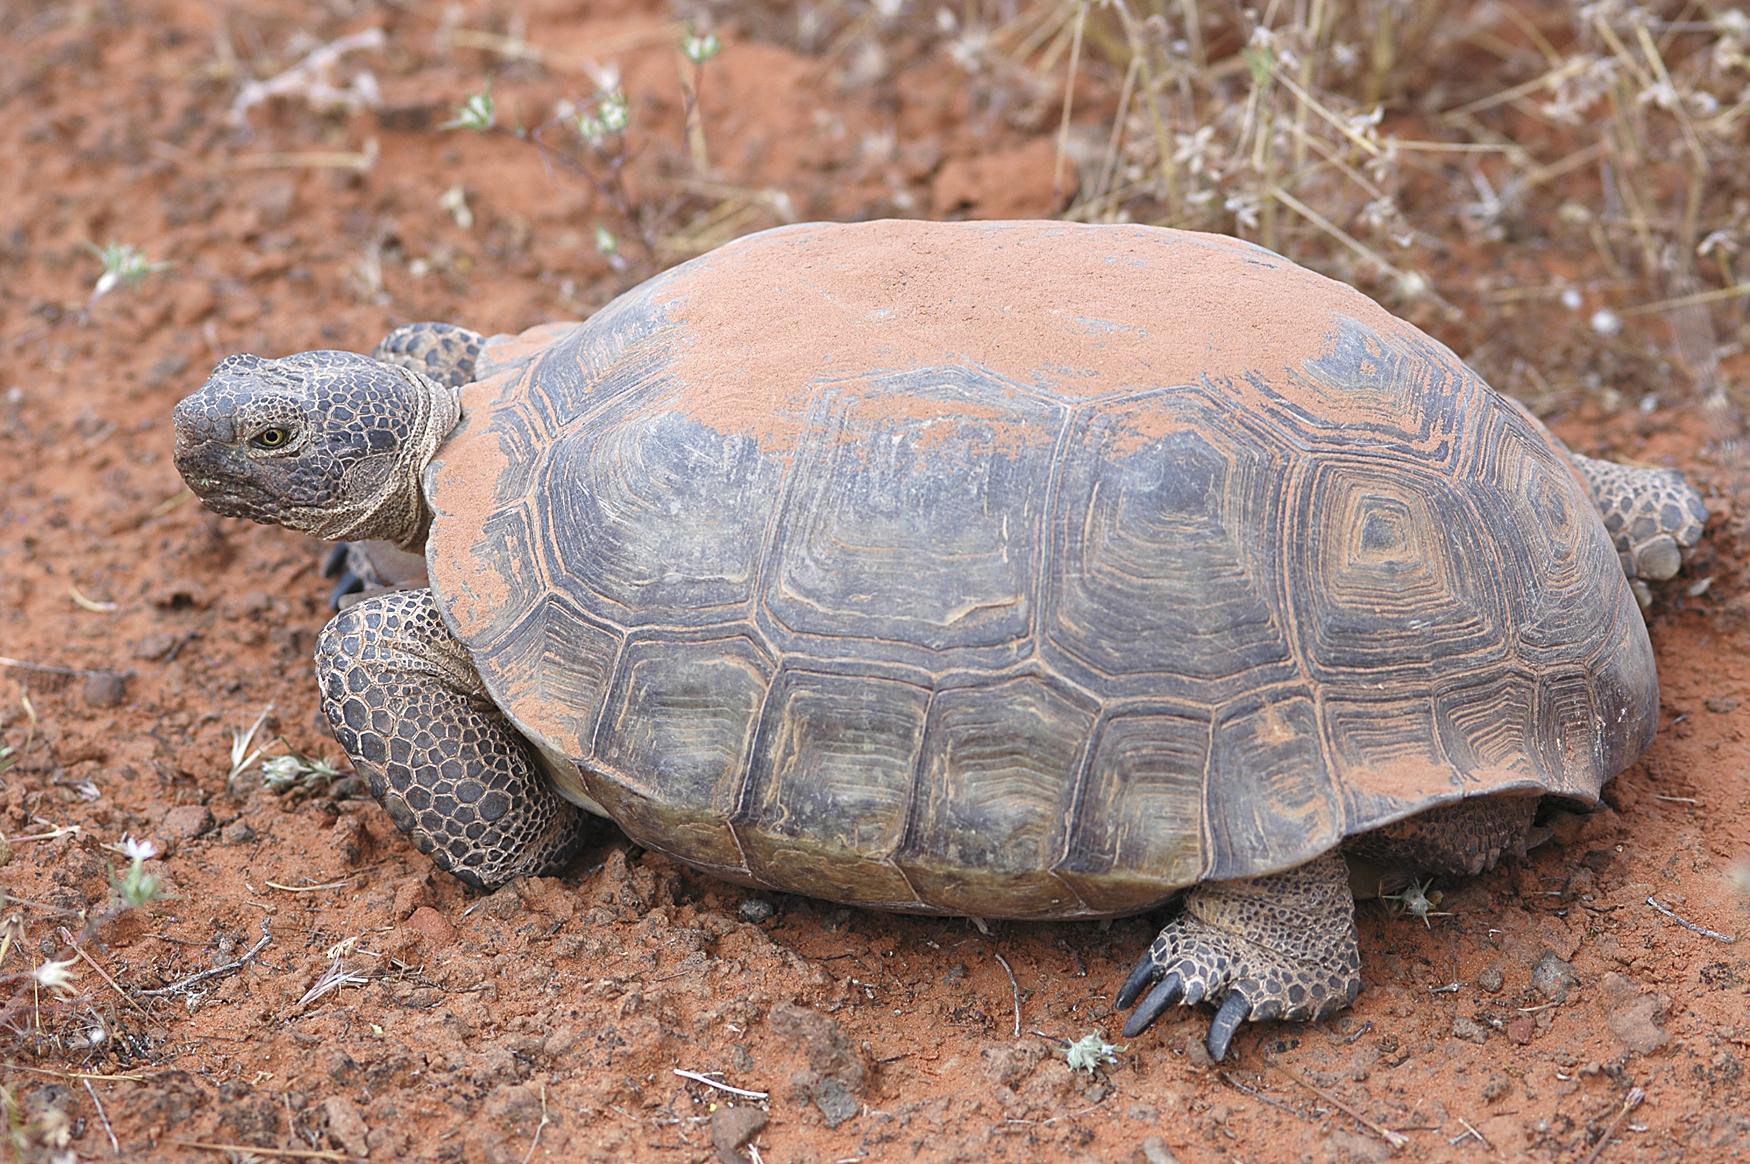 http://upload.wikimedia.org/wikipedia/commons/e/e7/Desert_tortoise.jpg